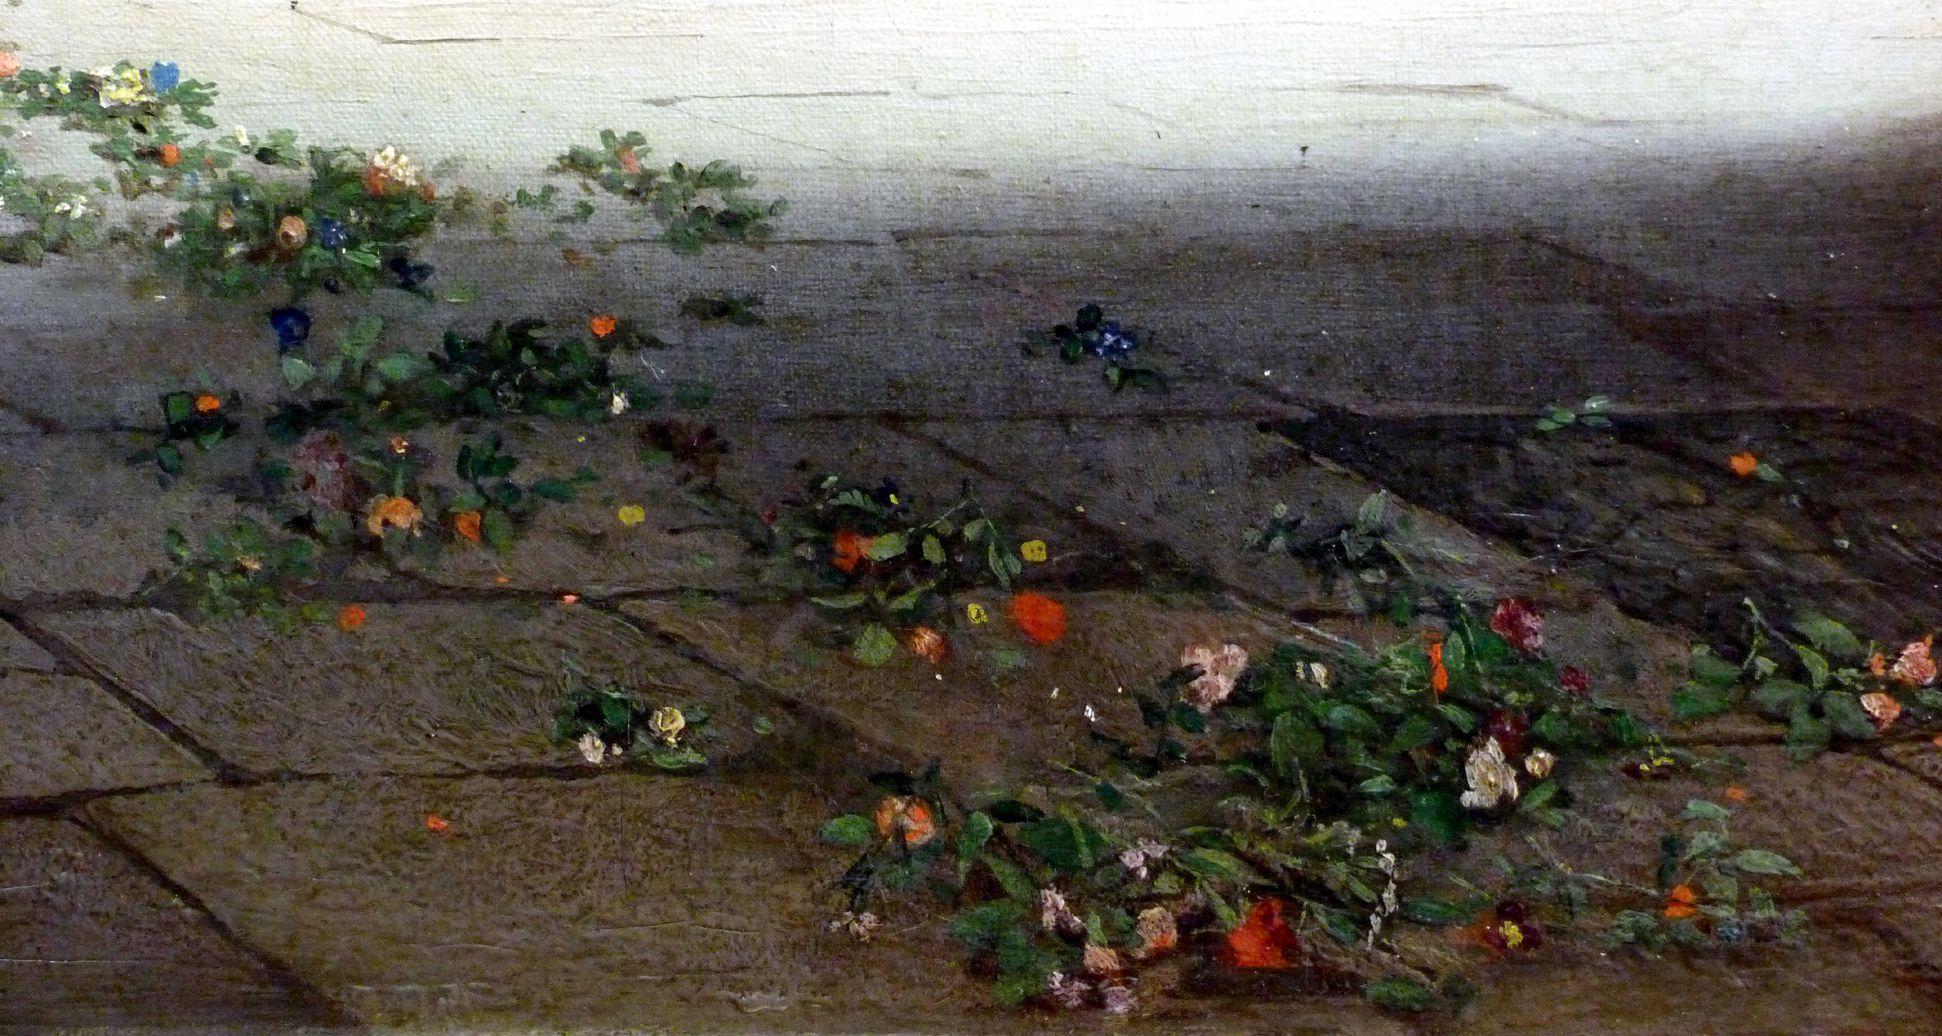 Sakramentshäuschen in der Nürnberger Lorenzkirche mit Brautzug aus dem frühen 17. Jahrhundert Blumen